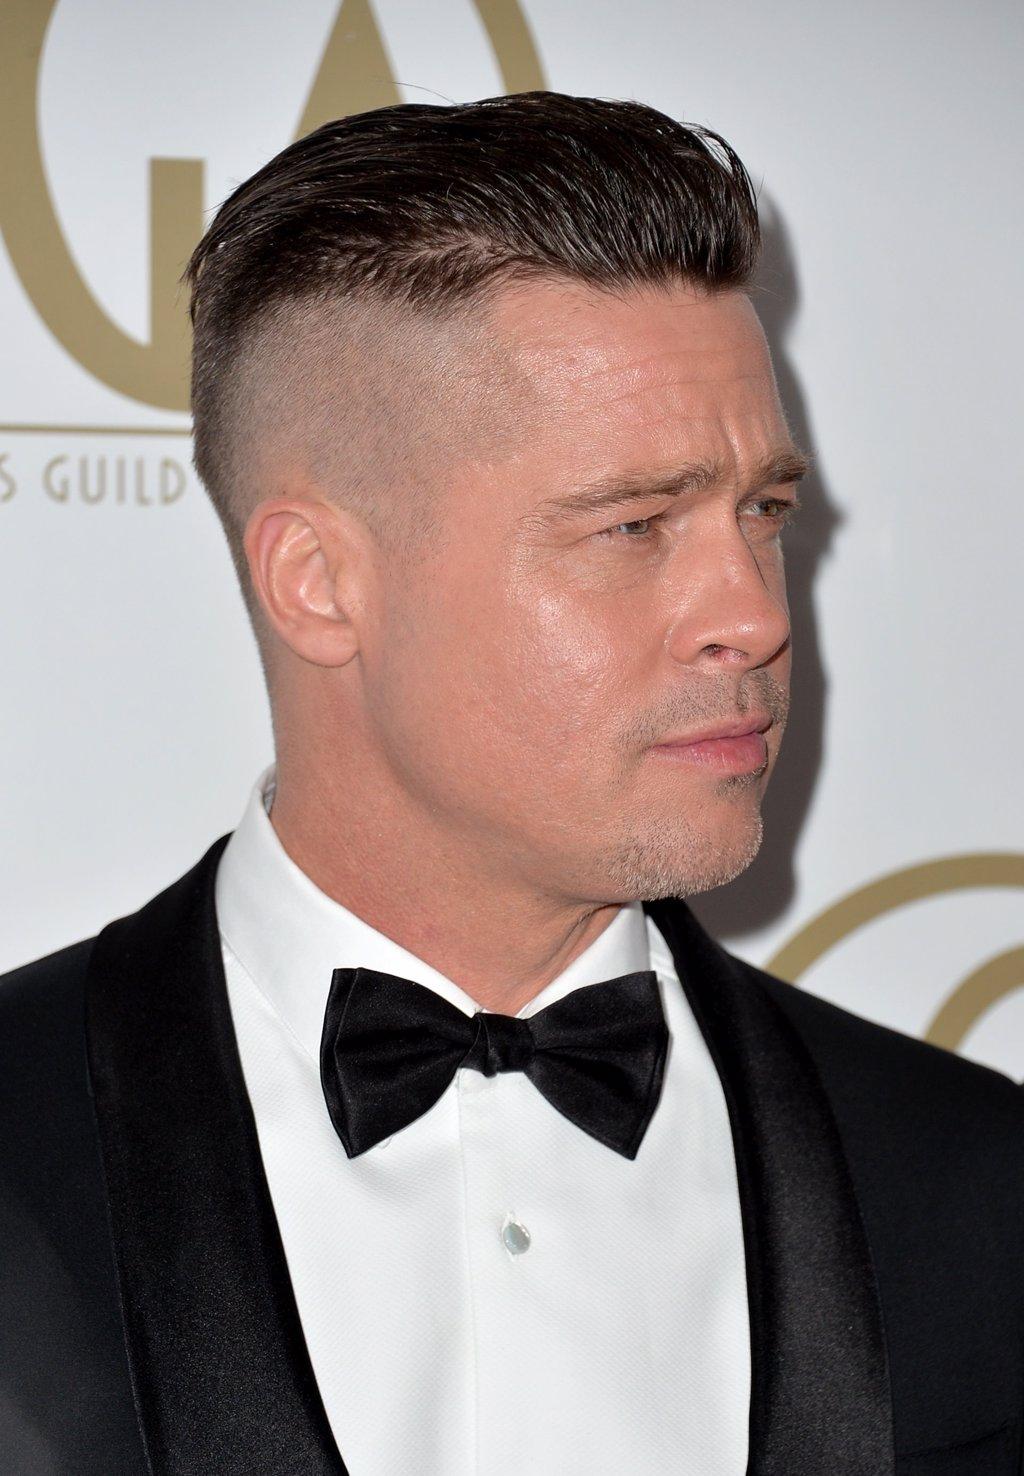 Espectacular brad pitt peinados Colección De Cortes De Pelo Tendencias - Brad Pitt: Nuevo corte de pelo para su nueva película ...